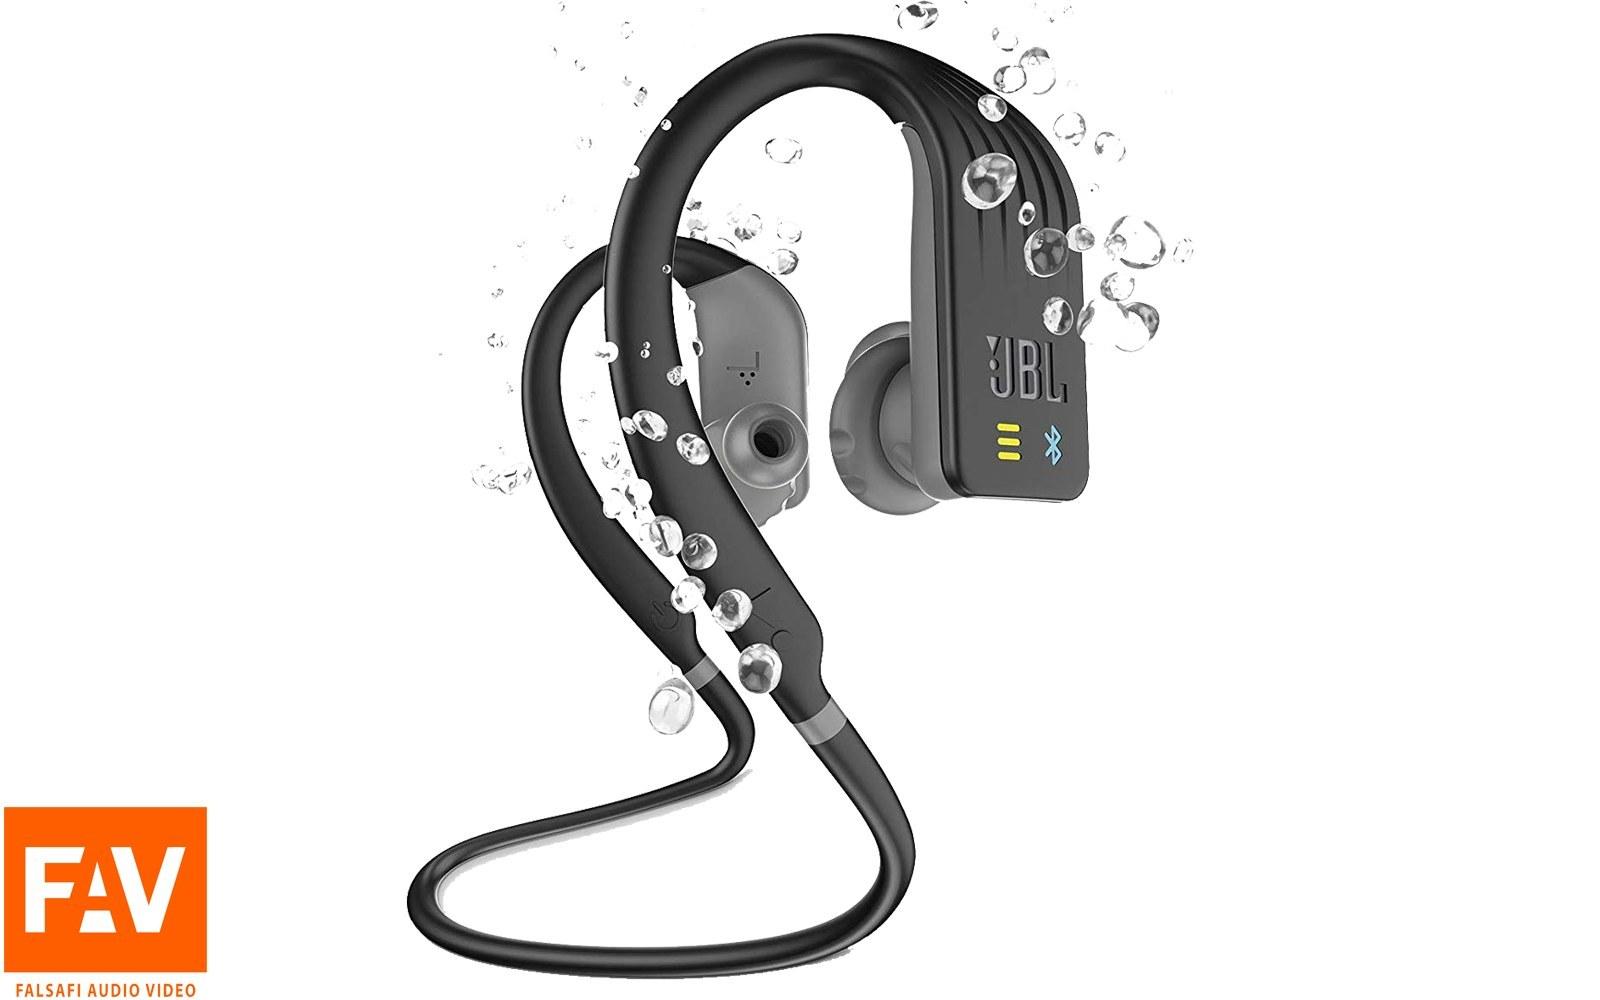 تصویر هدفون بی سیم جی بی ال JBL Endurance DIVE ا JBL Endurance DIVE Wireless Sports Headphones JBL Endurance DIVE Wireless Sports Headphones